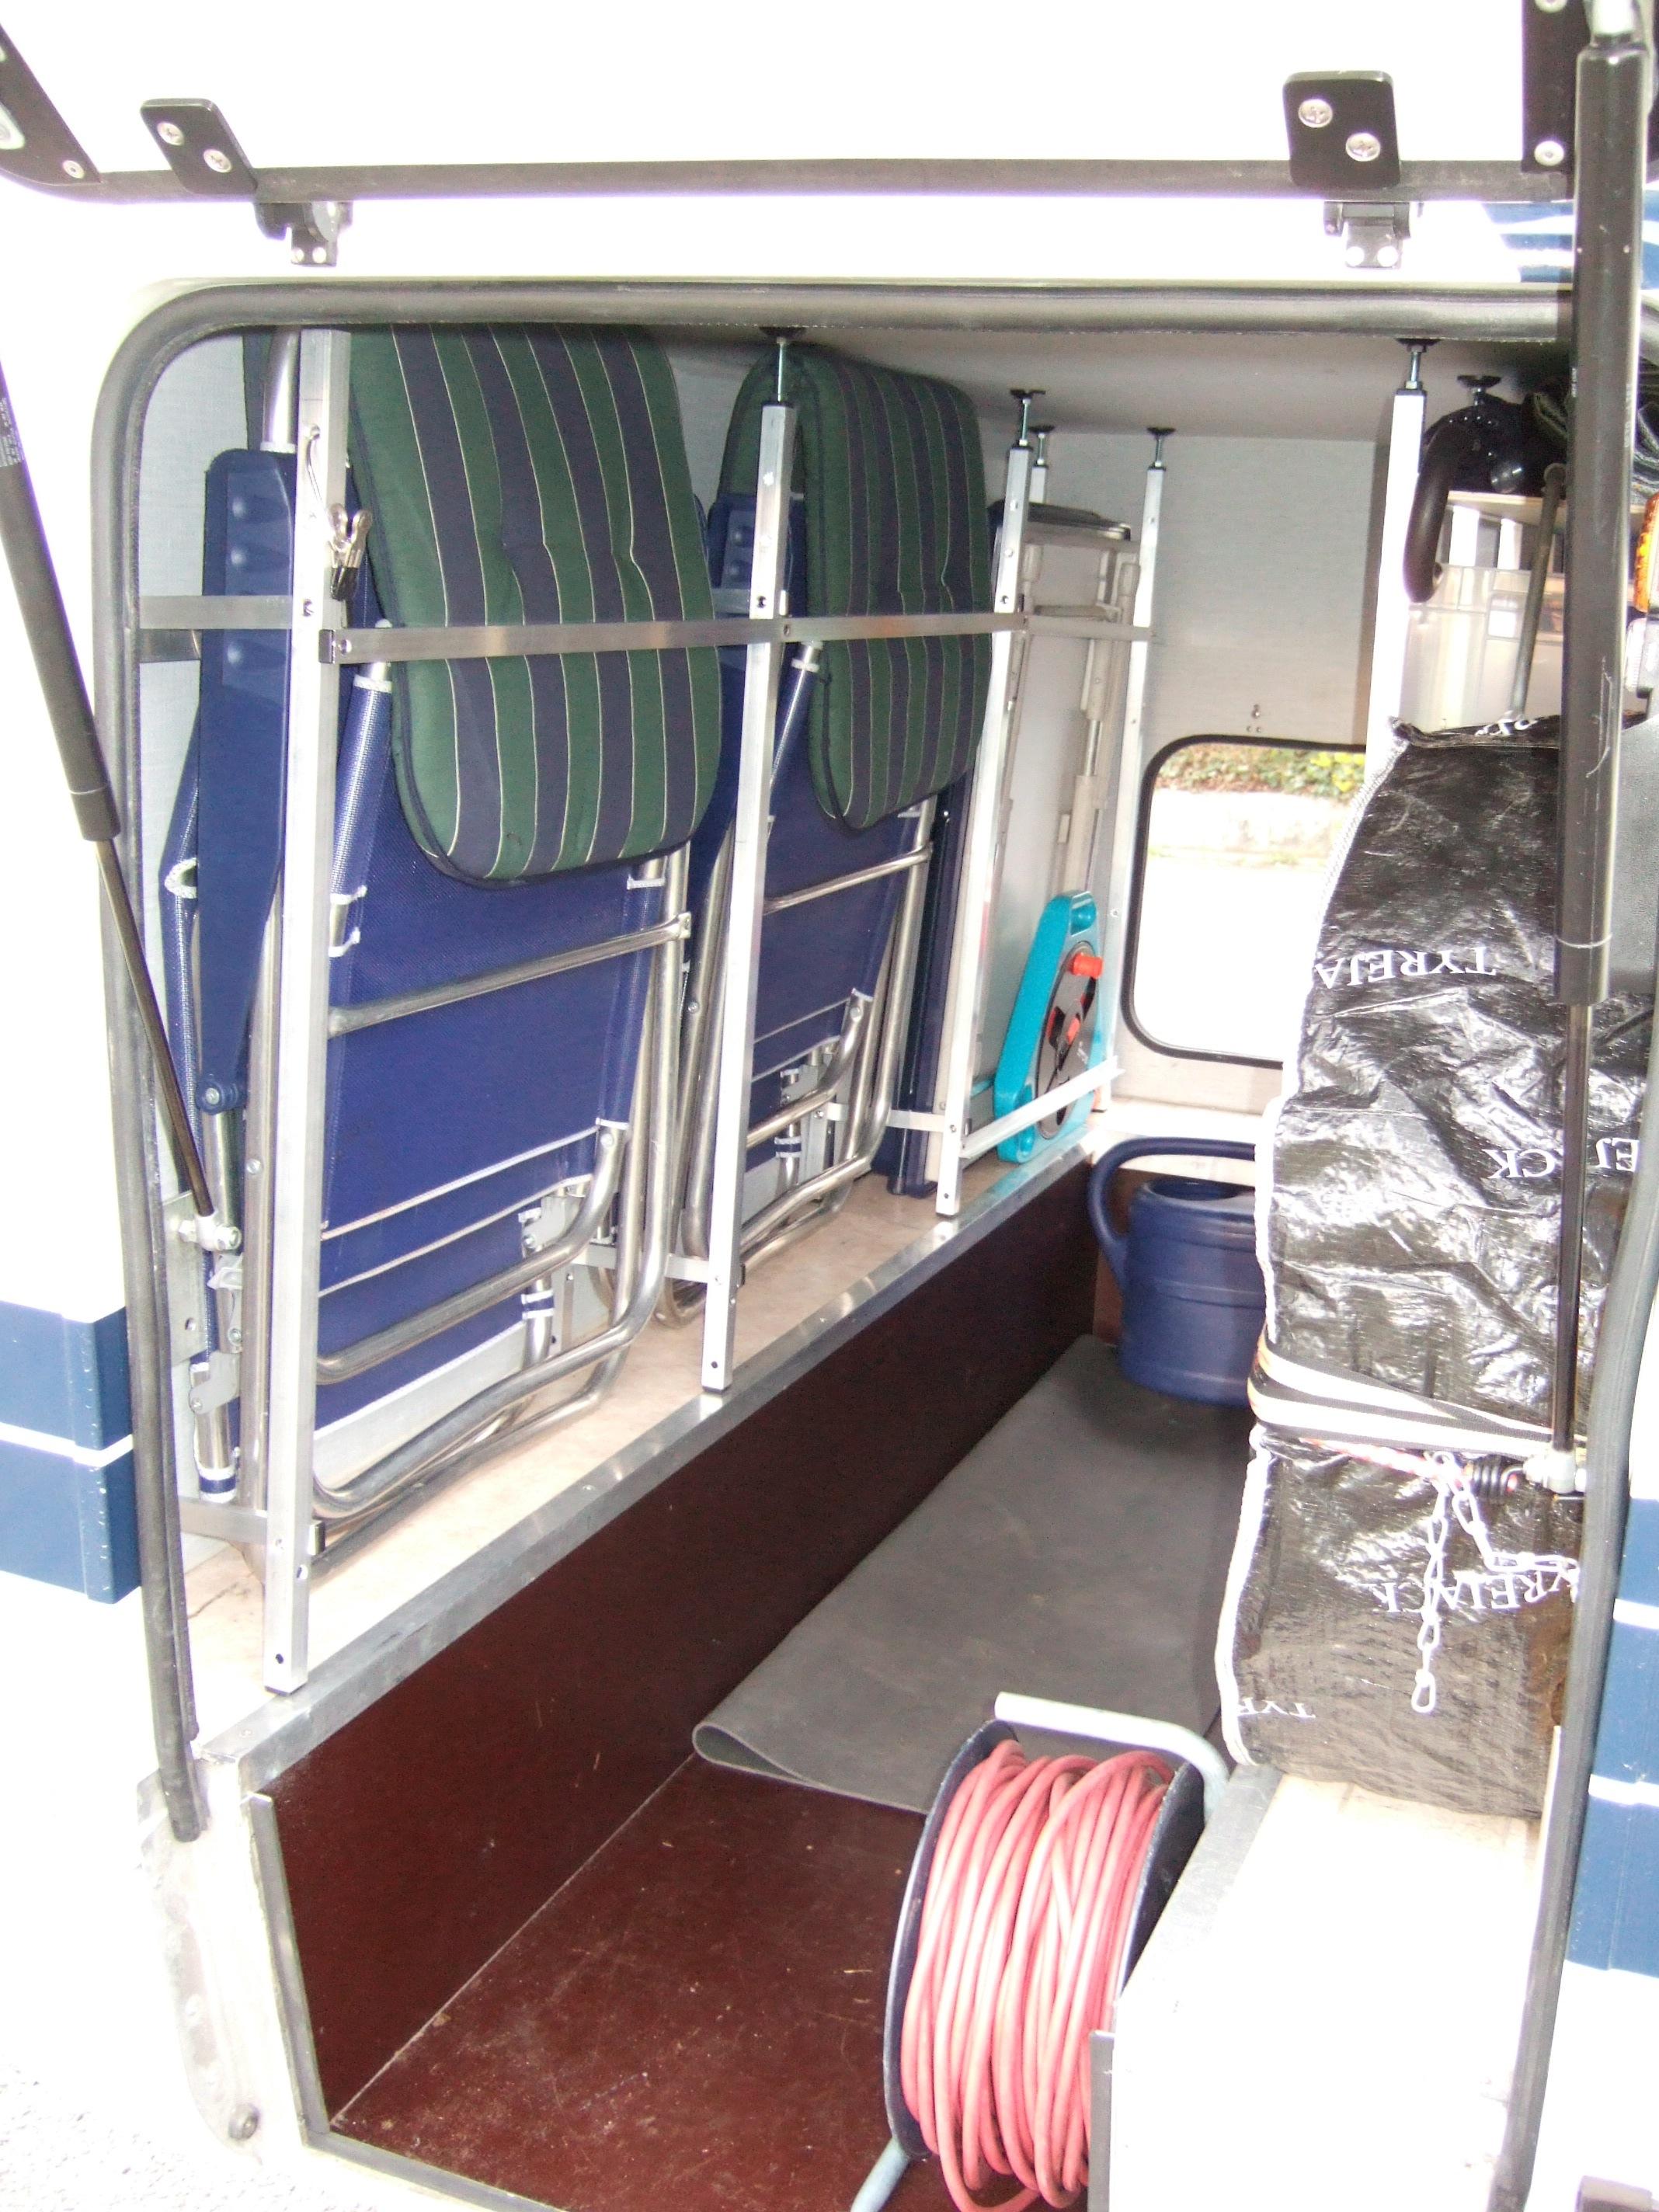 einrichtung heckgarage mit regalen idea regale wohnmobil. Black Bedroom Furniture Sets. Home Design Ideas